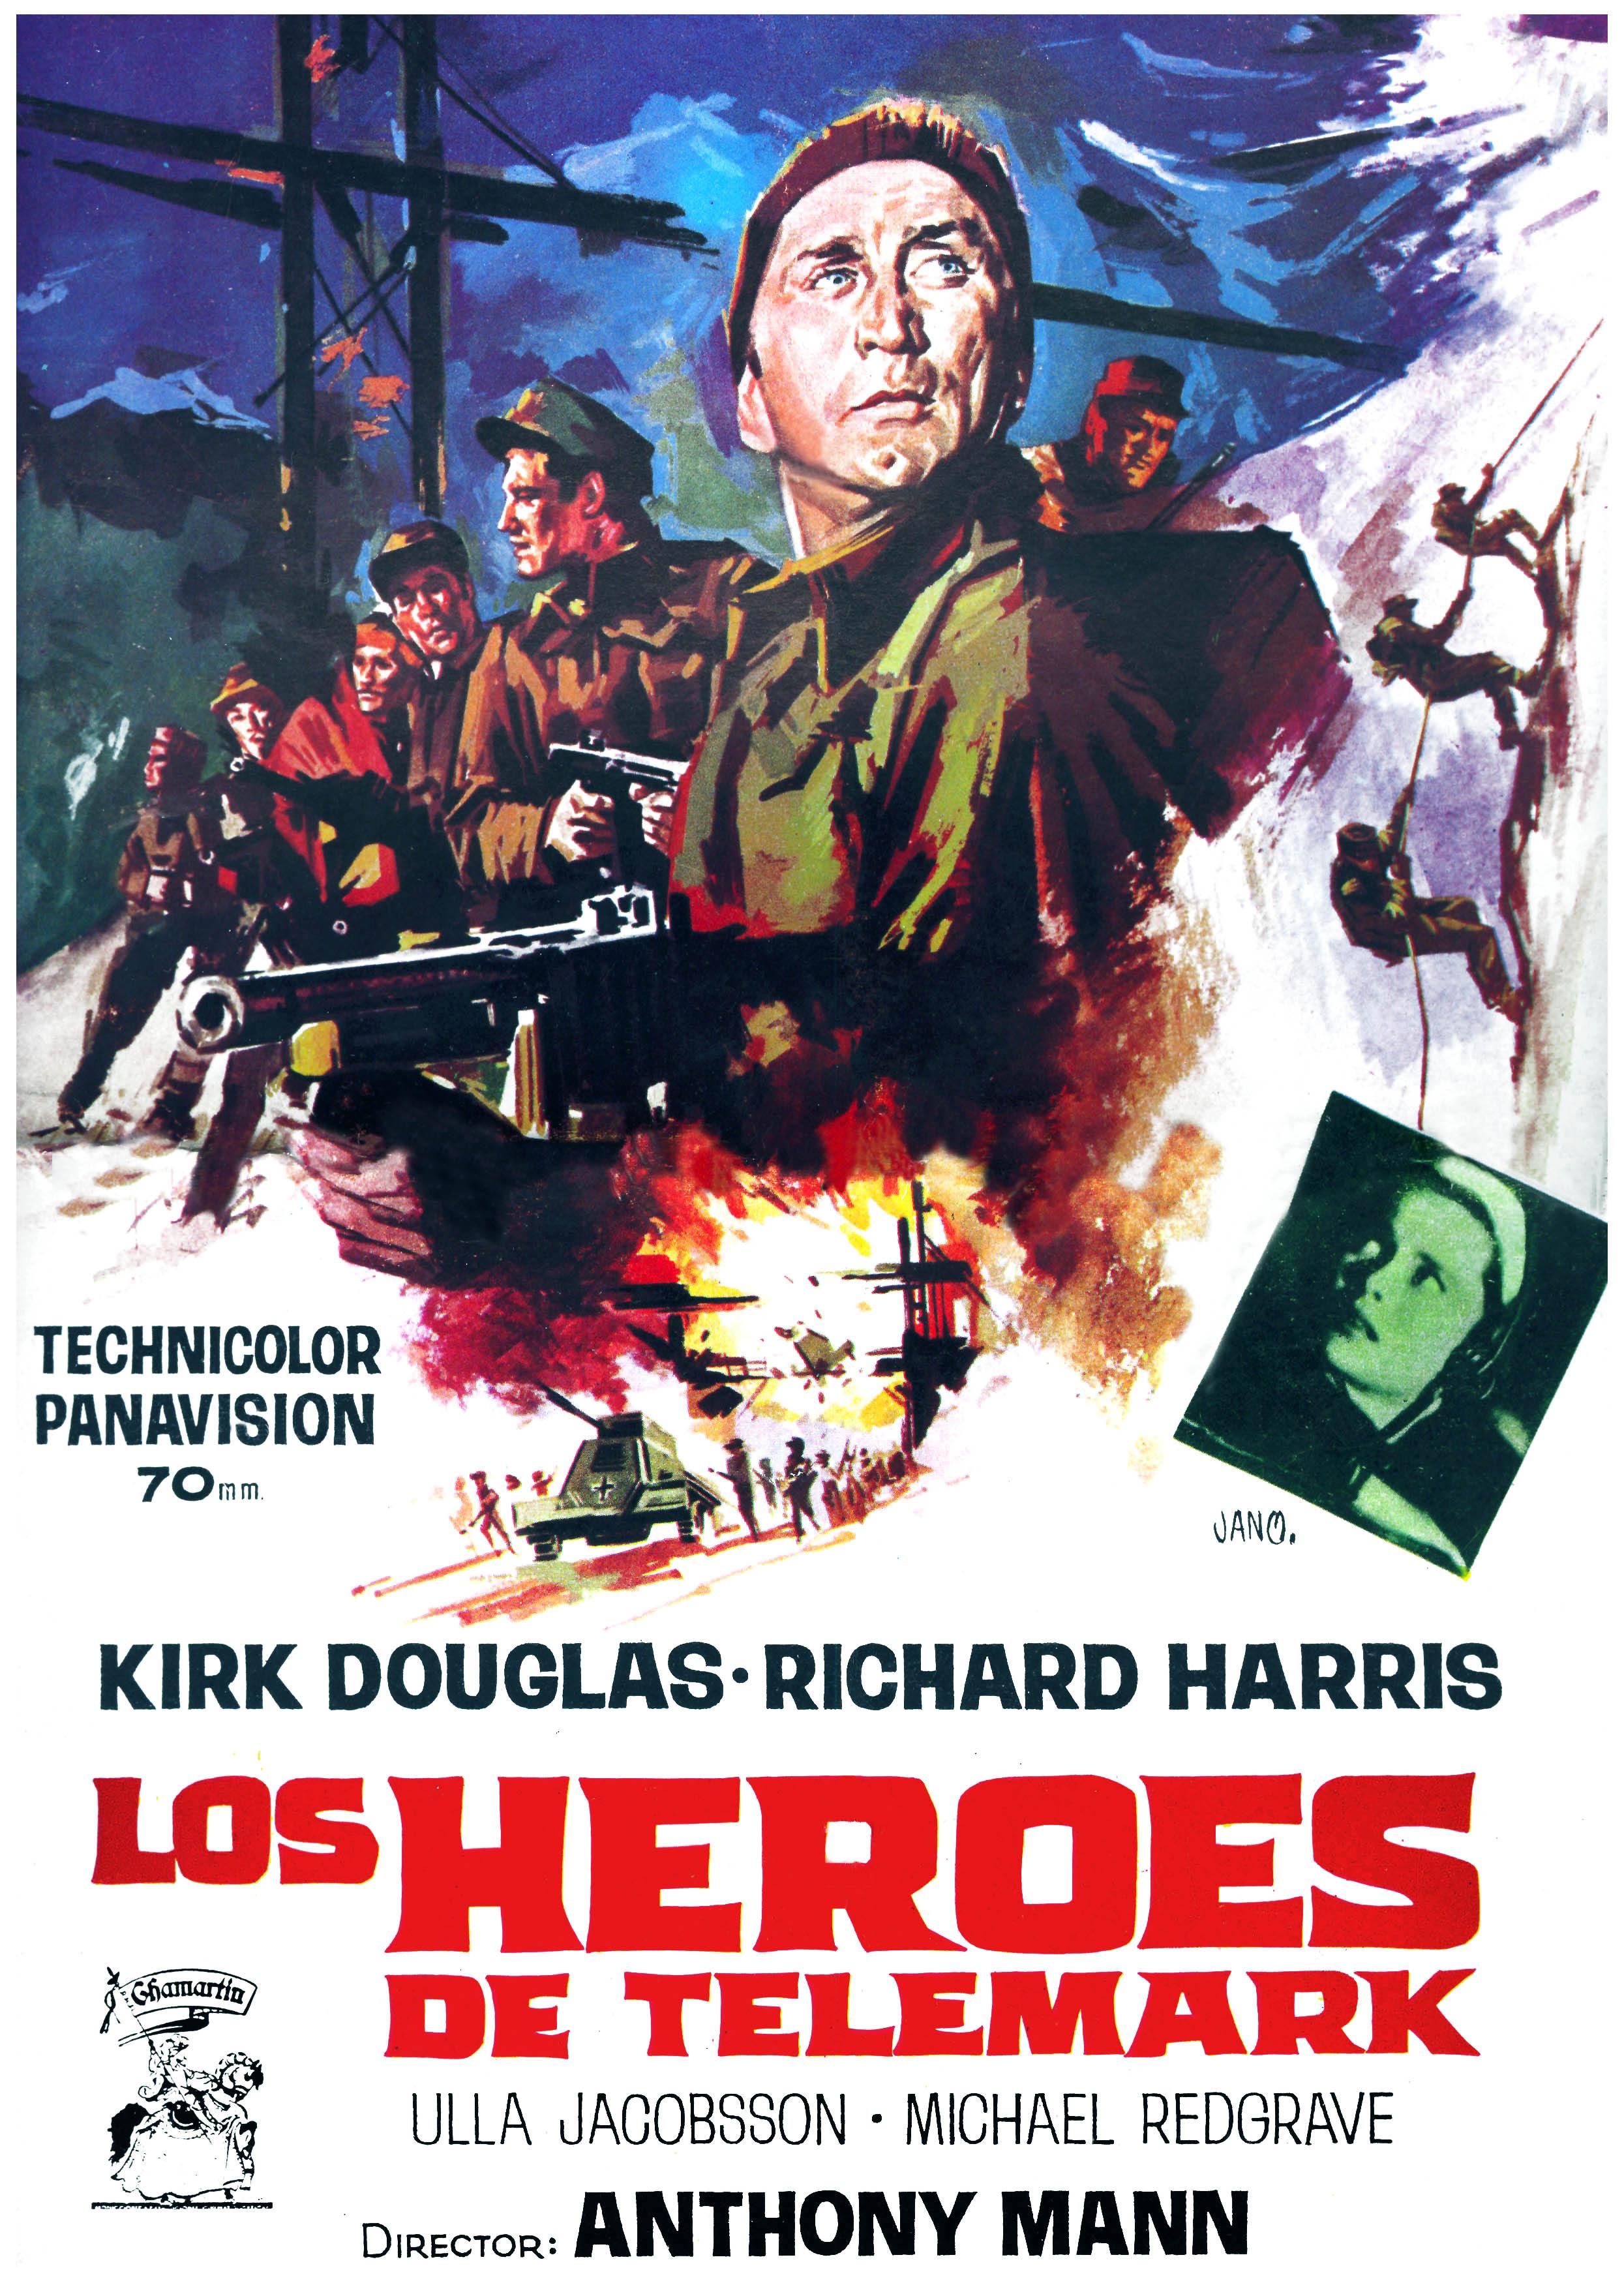 ... Cine 1966 The heroes of Telemark - Los heroes de Telemark (esp) 01.jpg